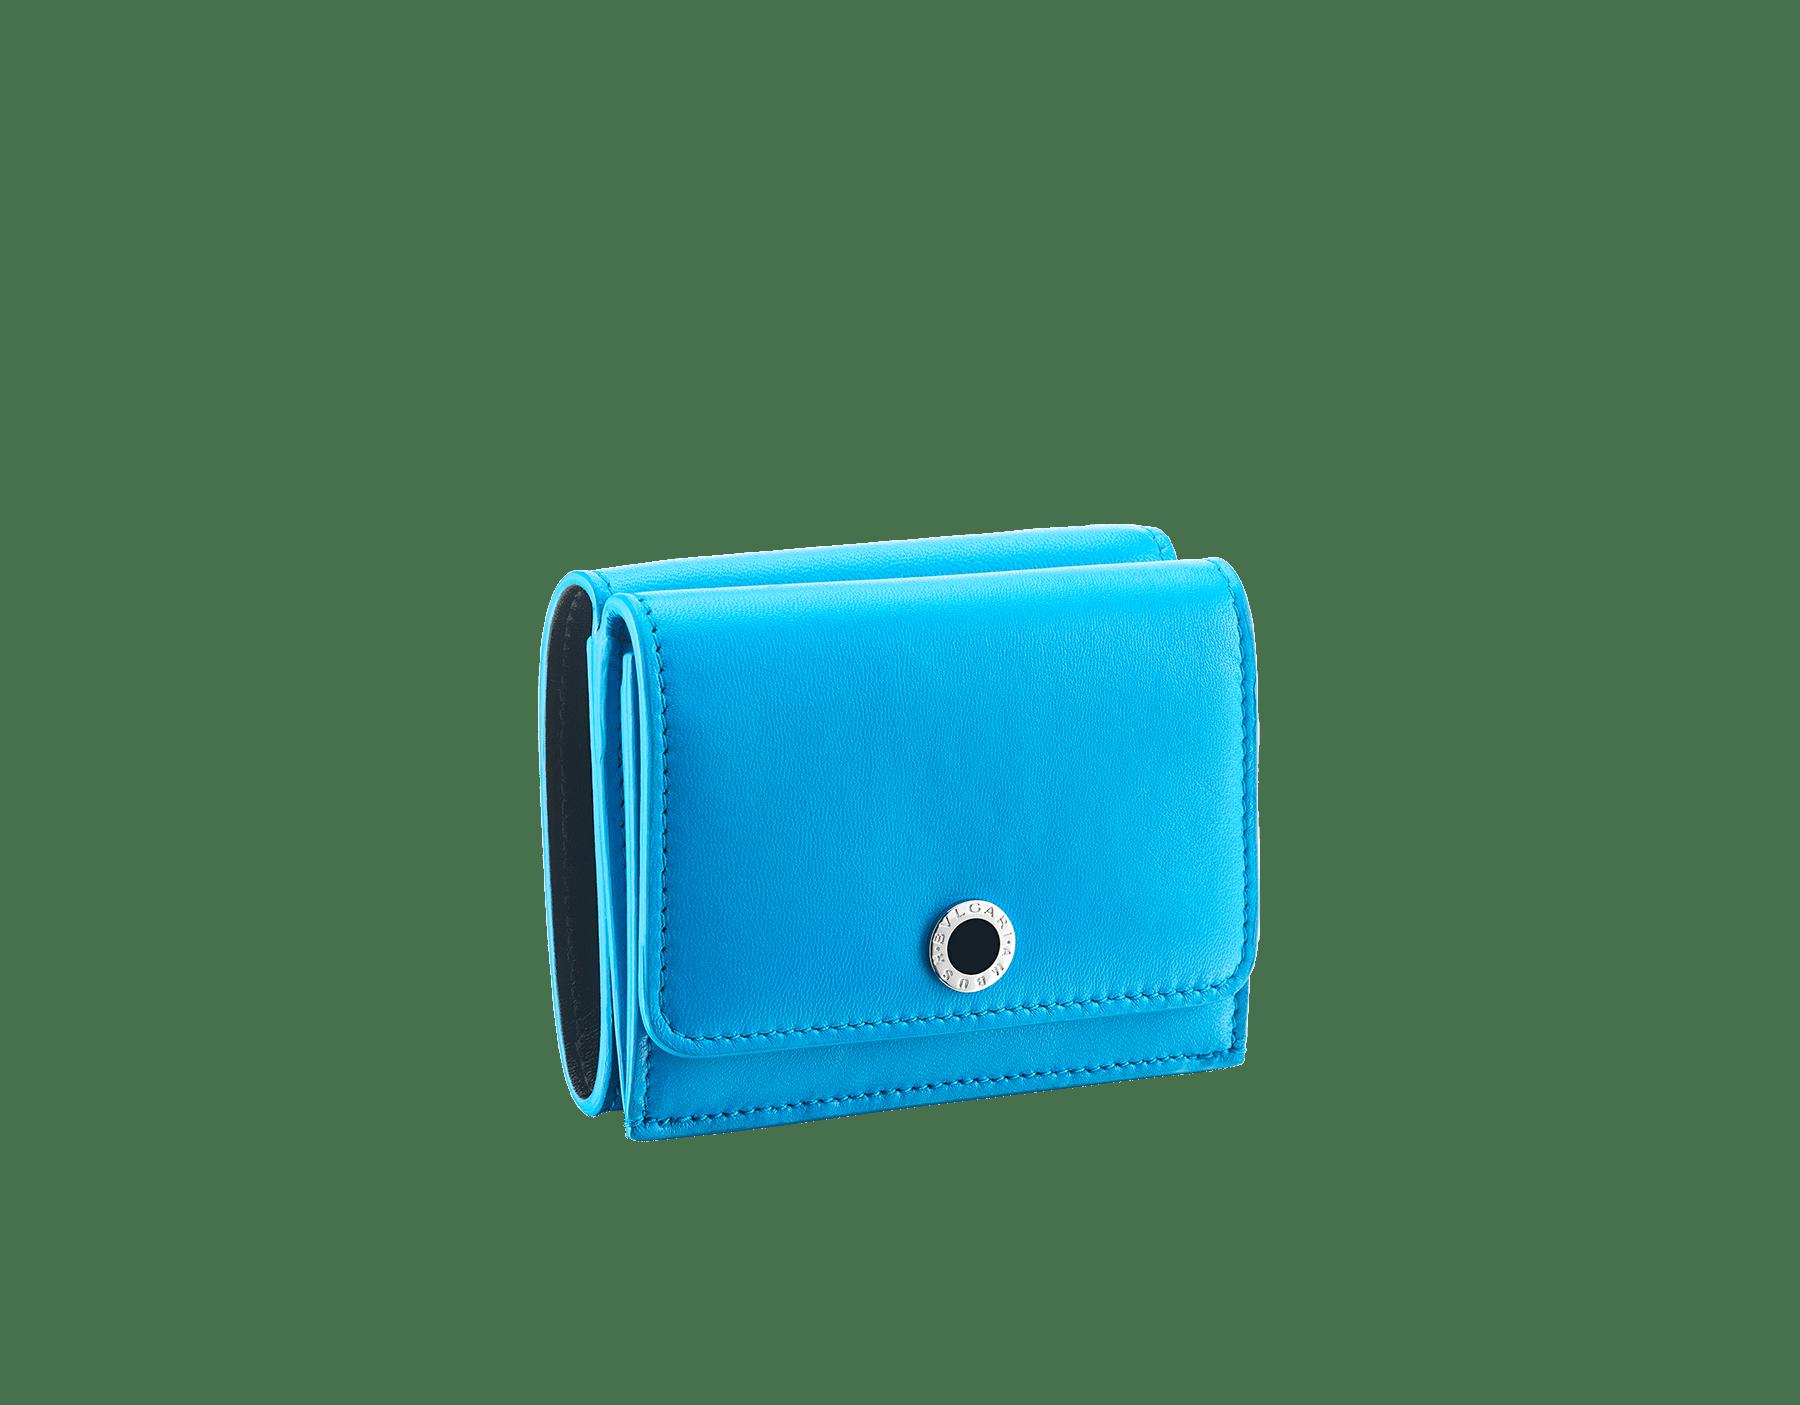 Kompaktes Ambush x Bvlgari Mini-Portemonnaie aus leuchtend blauem Nappaleder. BVLGARI AMBUSH Logodekor aus palladiumbeschichtetem Messing mit schwarzer Emaille auf der einen und besonderer BVLGARI AMBUSH Logoprint auf der anderen Seite. Limited edition. YA-MINICOMPACT image 1